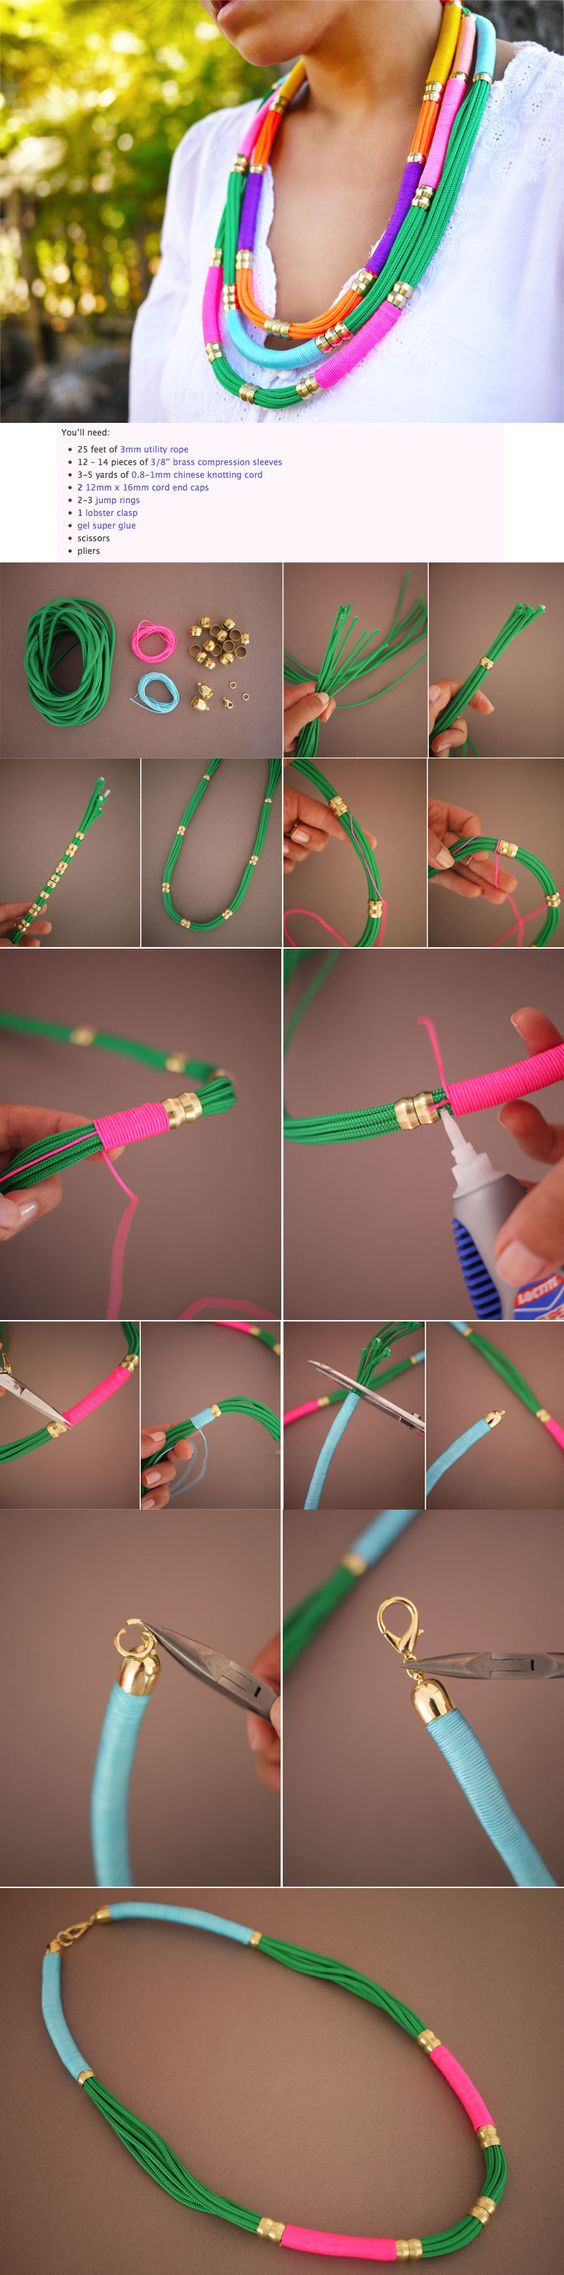 DIY statement necklaces. Except I would make bracelets.: